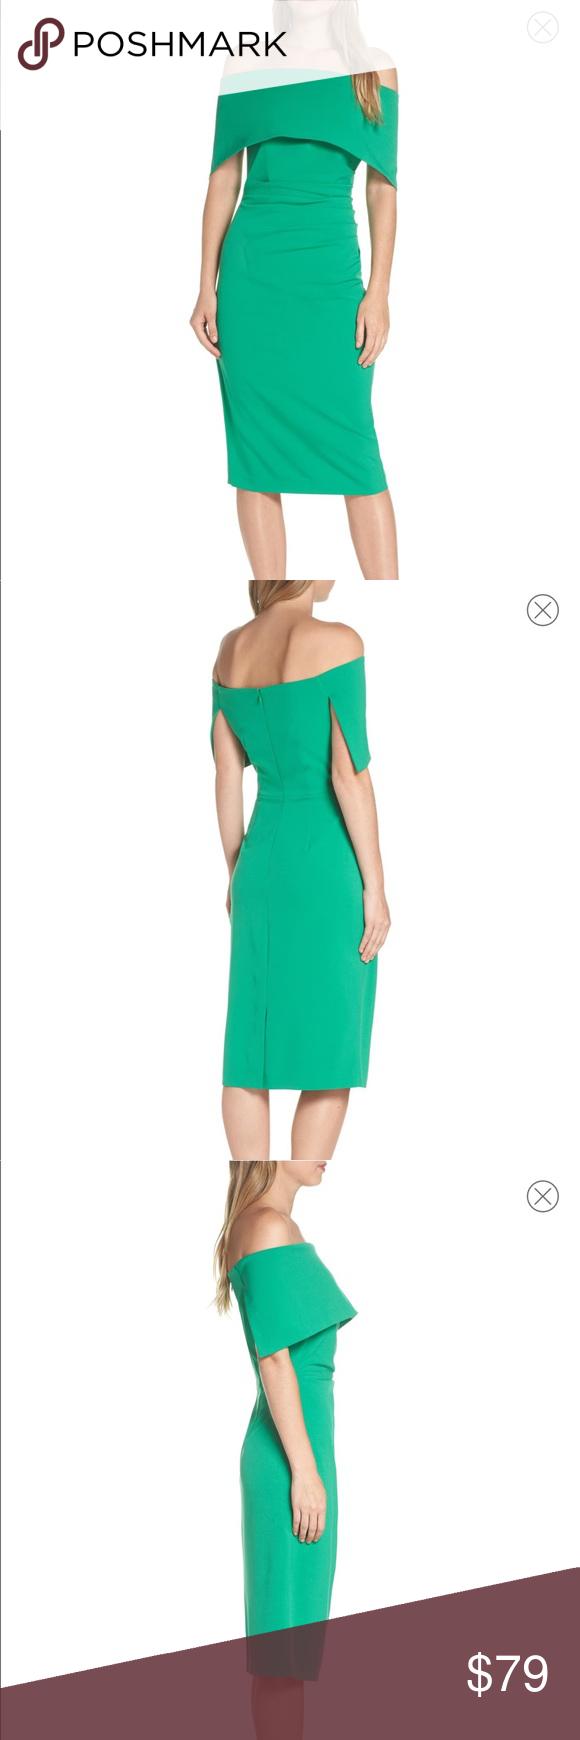 Vince Camuto Nordstrom Off The Shoulder Dress Nwot Dresses Vince Camuto Dress Clothes Design [ 1740 x 580 Pixel ]